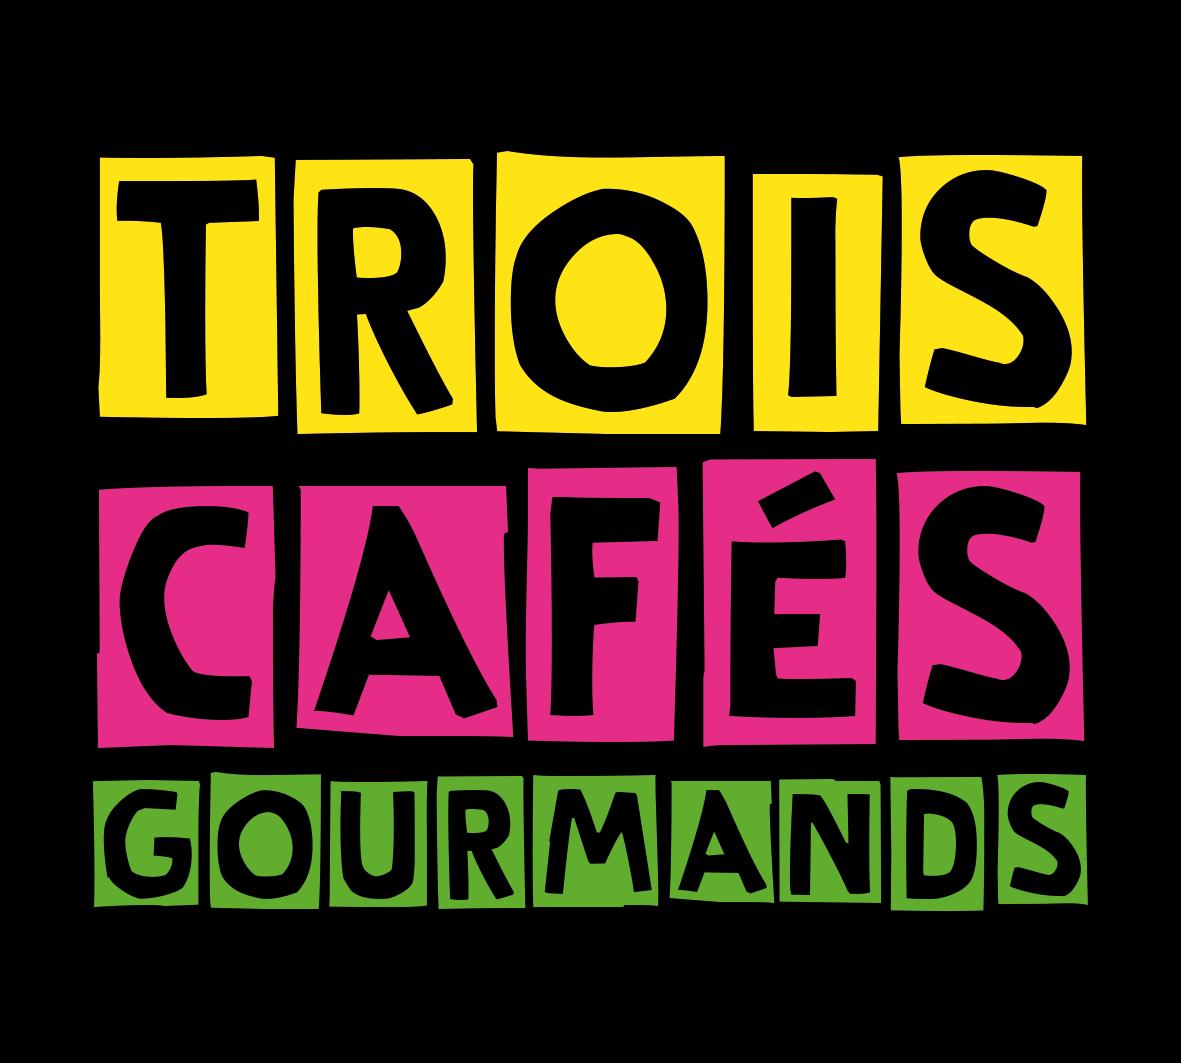 TROIS CAFES GOURMANDS sur Cannes Radio